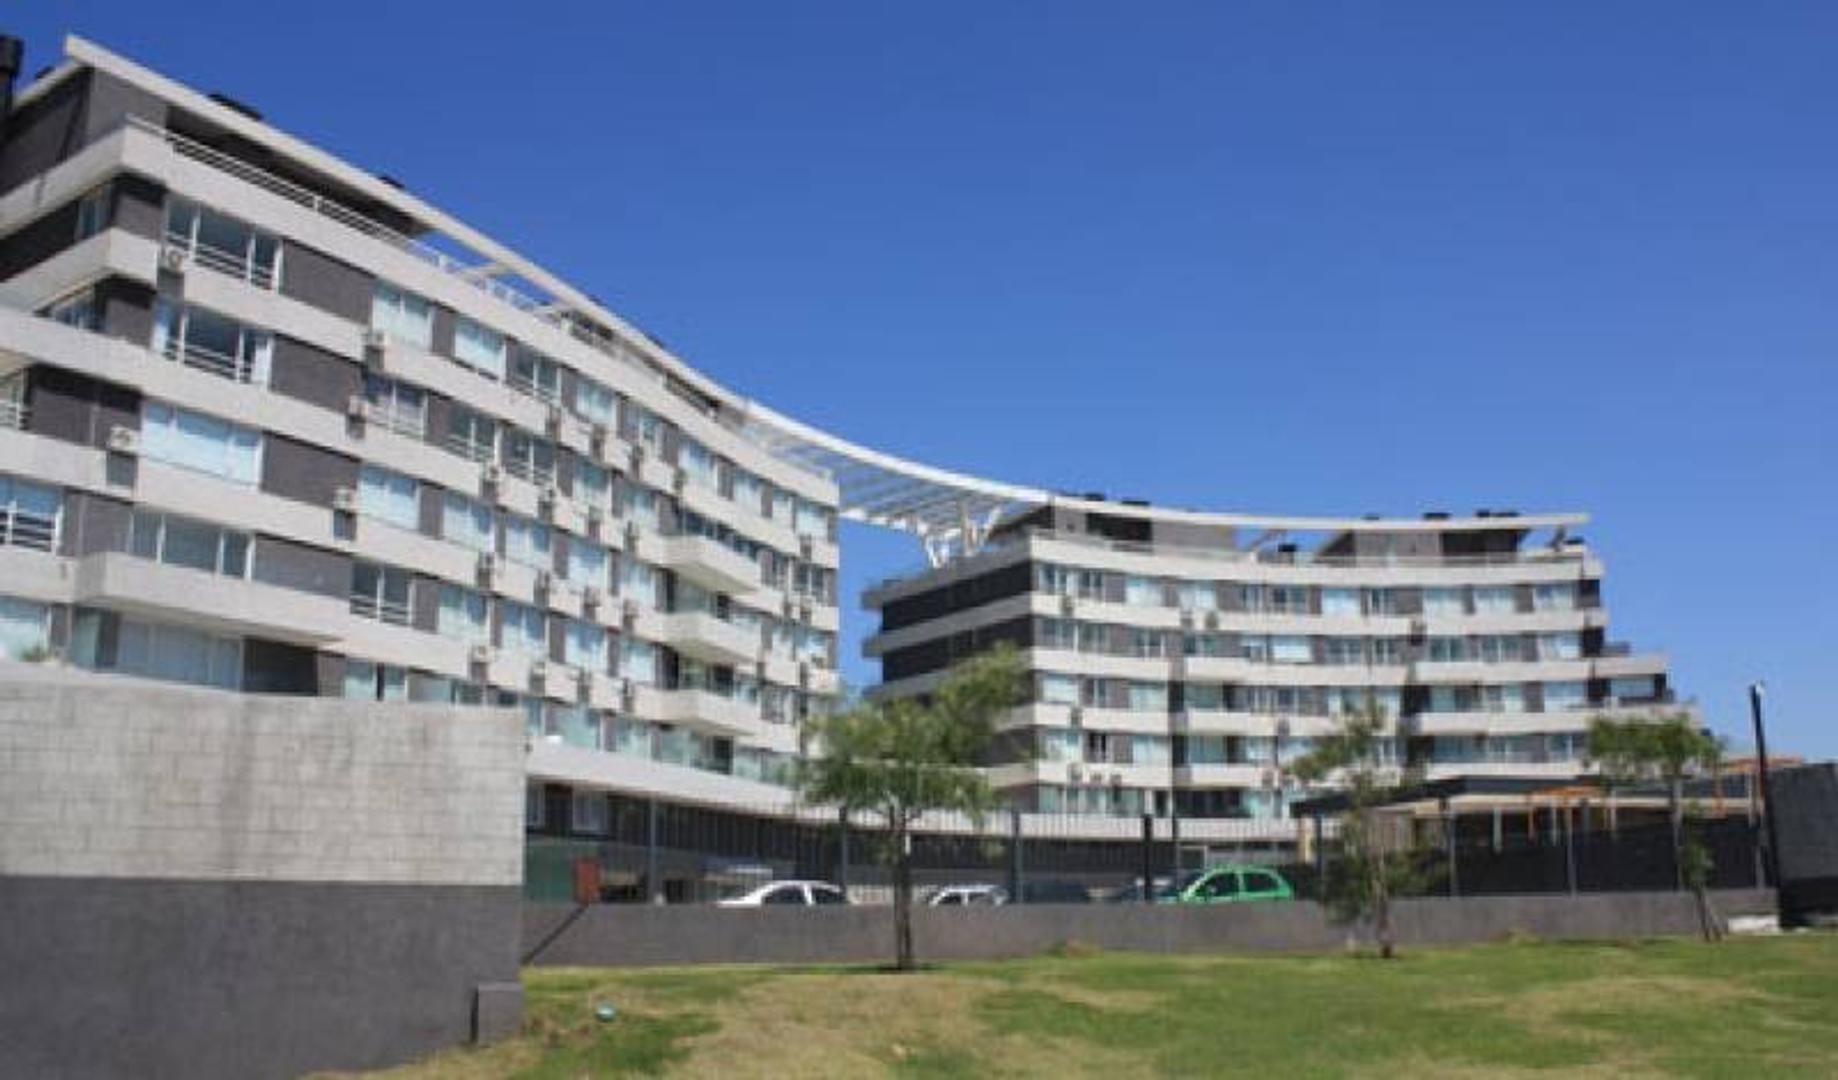 Departamento a estrenar 2 ambientes en VISTA BAHIA!!! c/ una Gran terraza con Vista a Bahia Grande!